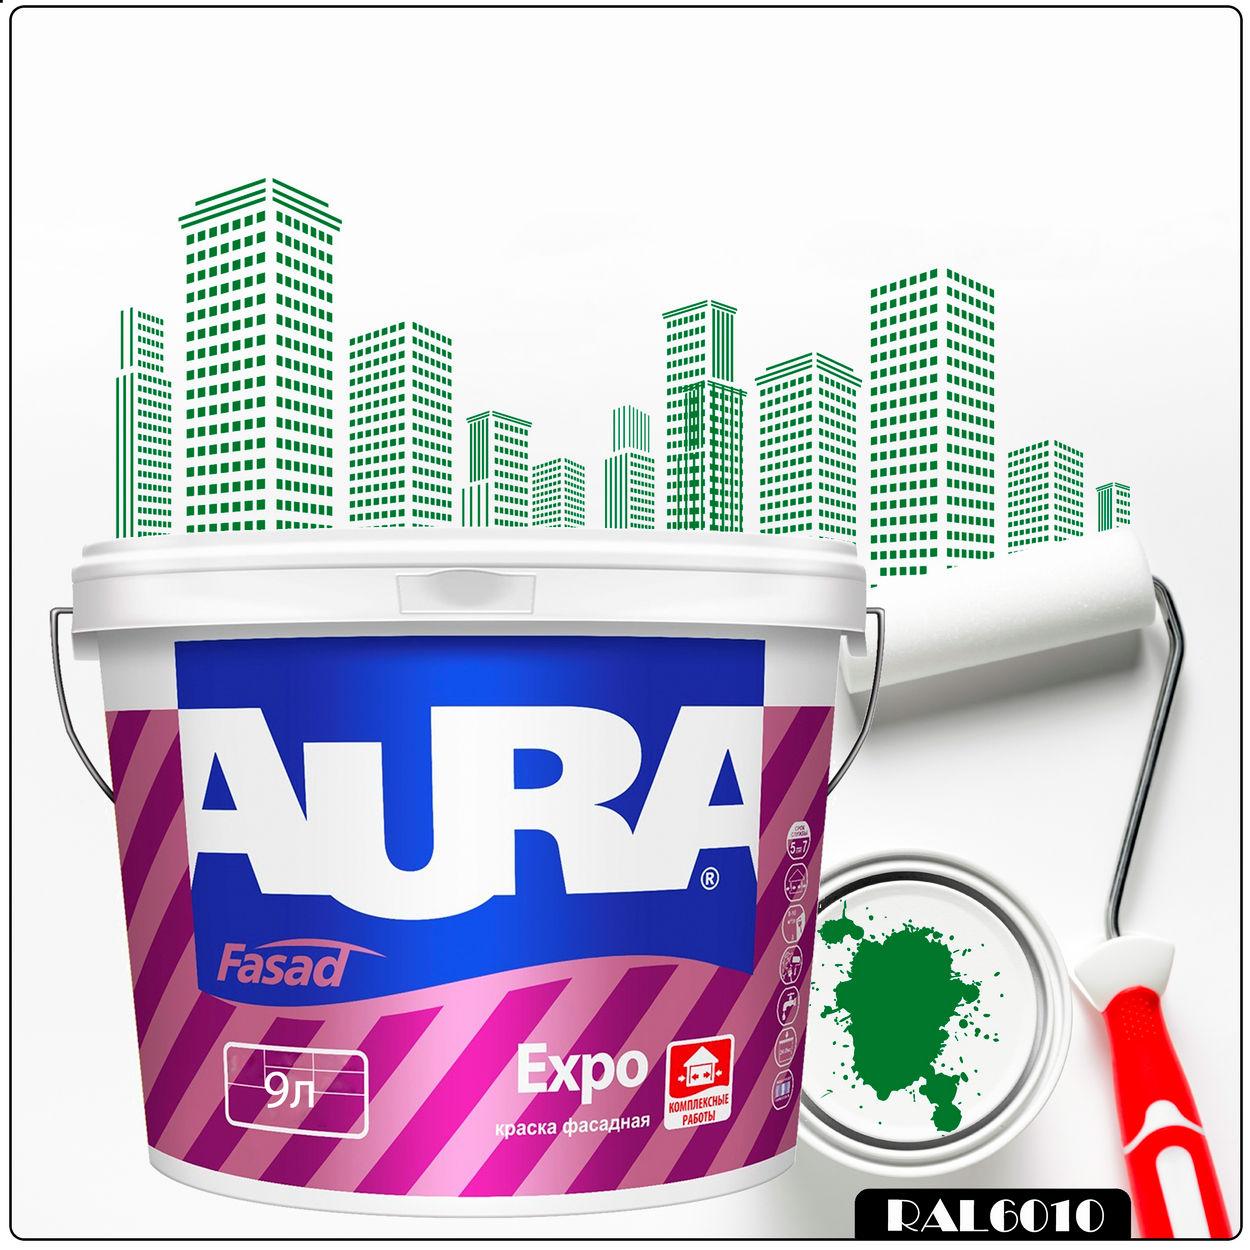 Фото 11 - Краска Aura Fasad Expo, RAL 6010 Зеленая-трава, матовая, для фасадов и помещений с повышенной влажностью, 9л.